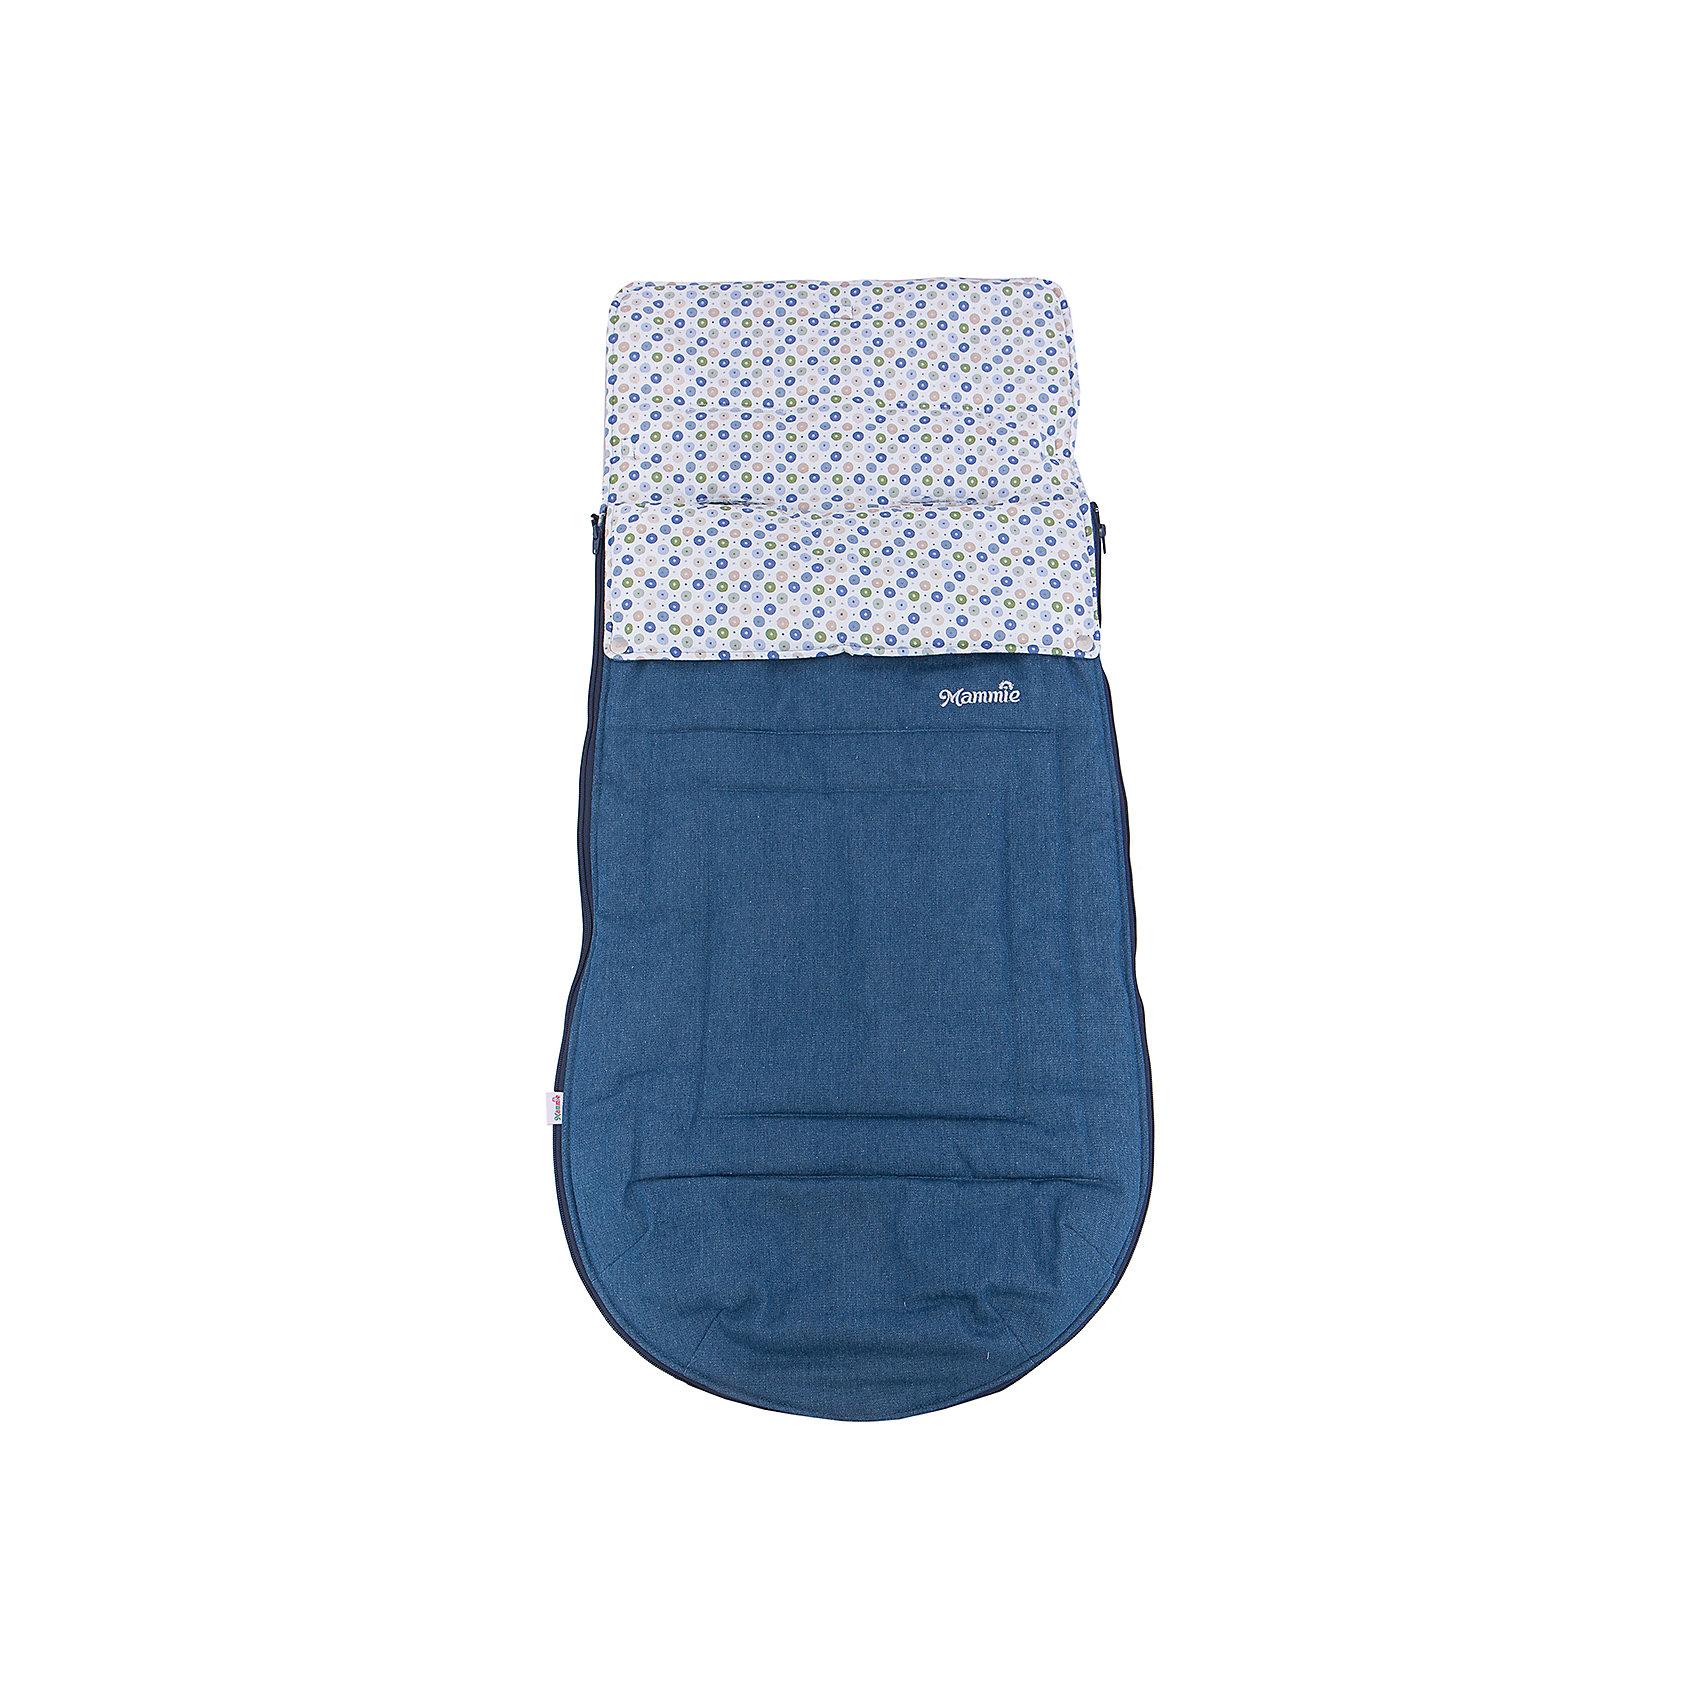 Конверт-трансформер хлопковый, Mammie, голубойПрактичный удобный Конверт в коляску позволит гулять с ребенком, не беспокоясь при этом о его комфорте. Изделие легко превращается в летний хлопковый матрасик, длина которого фиксируется при помощи липучки, также используется как демисезонное одеяло в люльку или как чехол для ножек. Внутренняя поверхность сделана из мягкого хлопка, внешняя – из хлопчатобумажной джинсовой ткани. Верхняя часть пристегивается к нижней молнией. Можно открыть конверт в районе ножек, есть защита от грязных ног внутри конверта.<br>Отверстия для 5-точечных ремней безопасности позволяют использовать конверт с большинством моделей колясок. Для максимального совпадения прорезей с ремнями безопасности на спинке конверта есть подготовленные места для дополнительных прорезей, которые можно разрезать тонкими острыми ножницами с внутренней стороны конверта. Верхняя часть конверта оборачивается вокруг бампера и фиксируется кнопками, превращая конверт в накидку для ножек.<br>Наполнитель - утеплитель Alpolux. Это экологически чистый утеплитель вип-класса, разработанный лучшими австрийскими экспертами. Уникальное сочетание натуральной шерсти мериноса и микроволокна помогает поддержать оптимальную температуру для ребенка. Конверт можно стирать в стиральной машине. Изделие произведено из качественных и безопасных для малышей материалов, оно соответствуют всем современным требованиям безопасности.<br> <br>Дополнительная информация:<br><br>цвет: голубой;<br>материал: верх - джинсовая ткань - 100% хлопок, подкладка - 100% хлопок, утеплитель - Alpolux 200г/м2;<br>размер: 100х48 см;<br>температурный диапазон: от -5°С до +18°С;<br>возрастная группа: от 0 до 3,5 лет.<br><br>Конверт-трансформер хлопковый, голубой, от компании Mammie можно купить в нашем магазине.<br><br>Ширина мм: 1000<br>Глубина мм: 480<br>Высота мм: 200<br>Вес г: 500<br>Возраст от месяцев: 0<br>Возраст до месяцев: 36<br>Пол: Унисекс<br>Возраст: Детский<br>SKU: 4720091